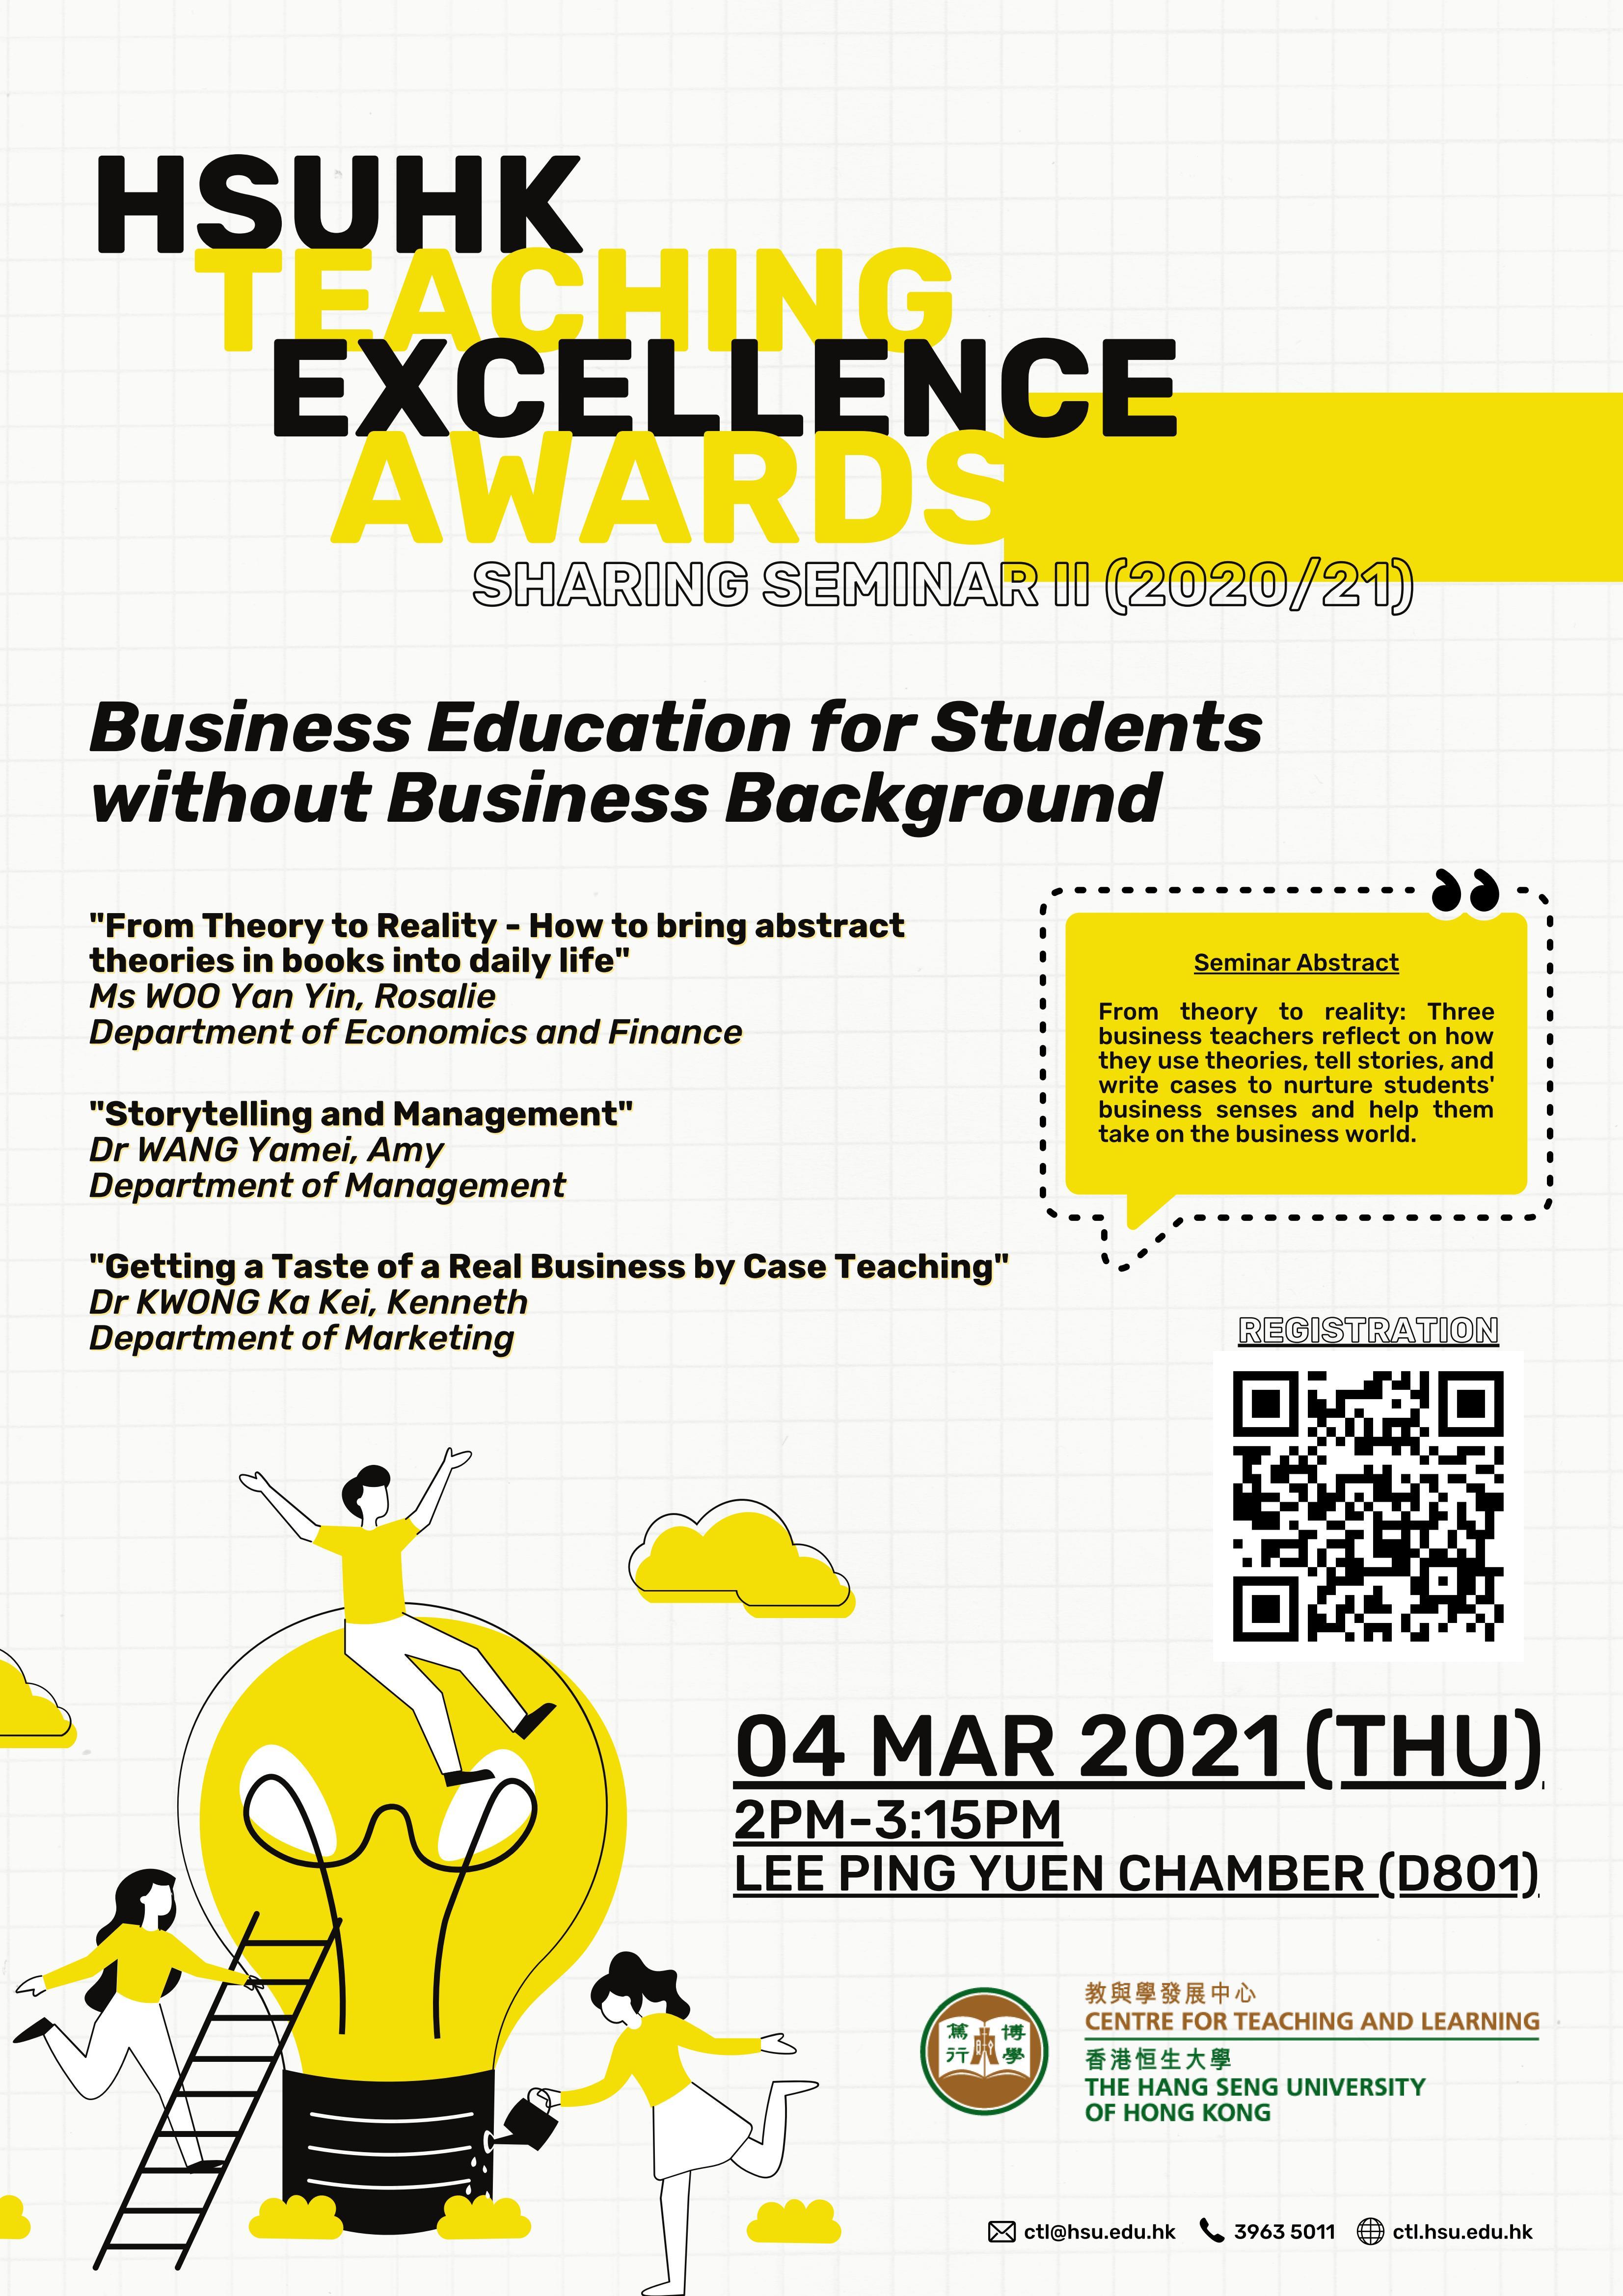 Poster_HSUHK Teaching Excellence Awards Sharing Seminar II (2020-21)